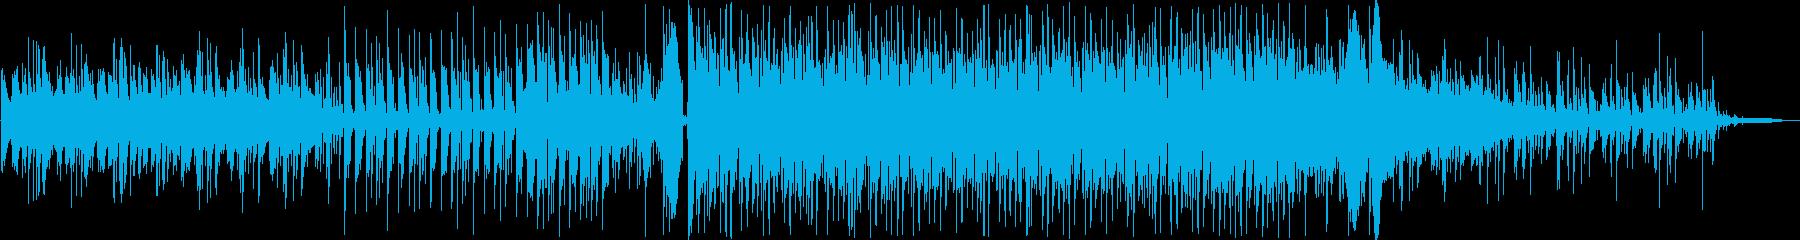 オープニングに合う軽快なテクノポップの再生済みの波形